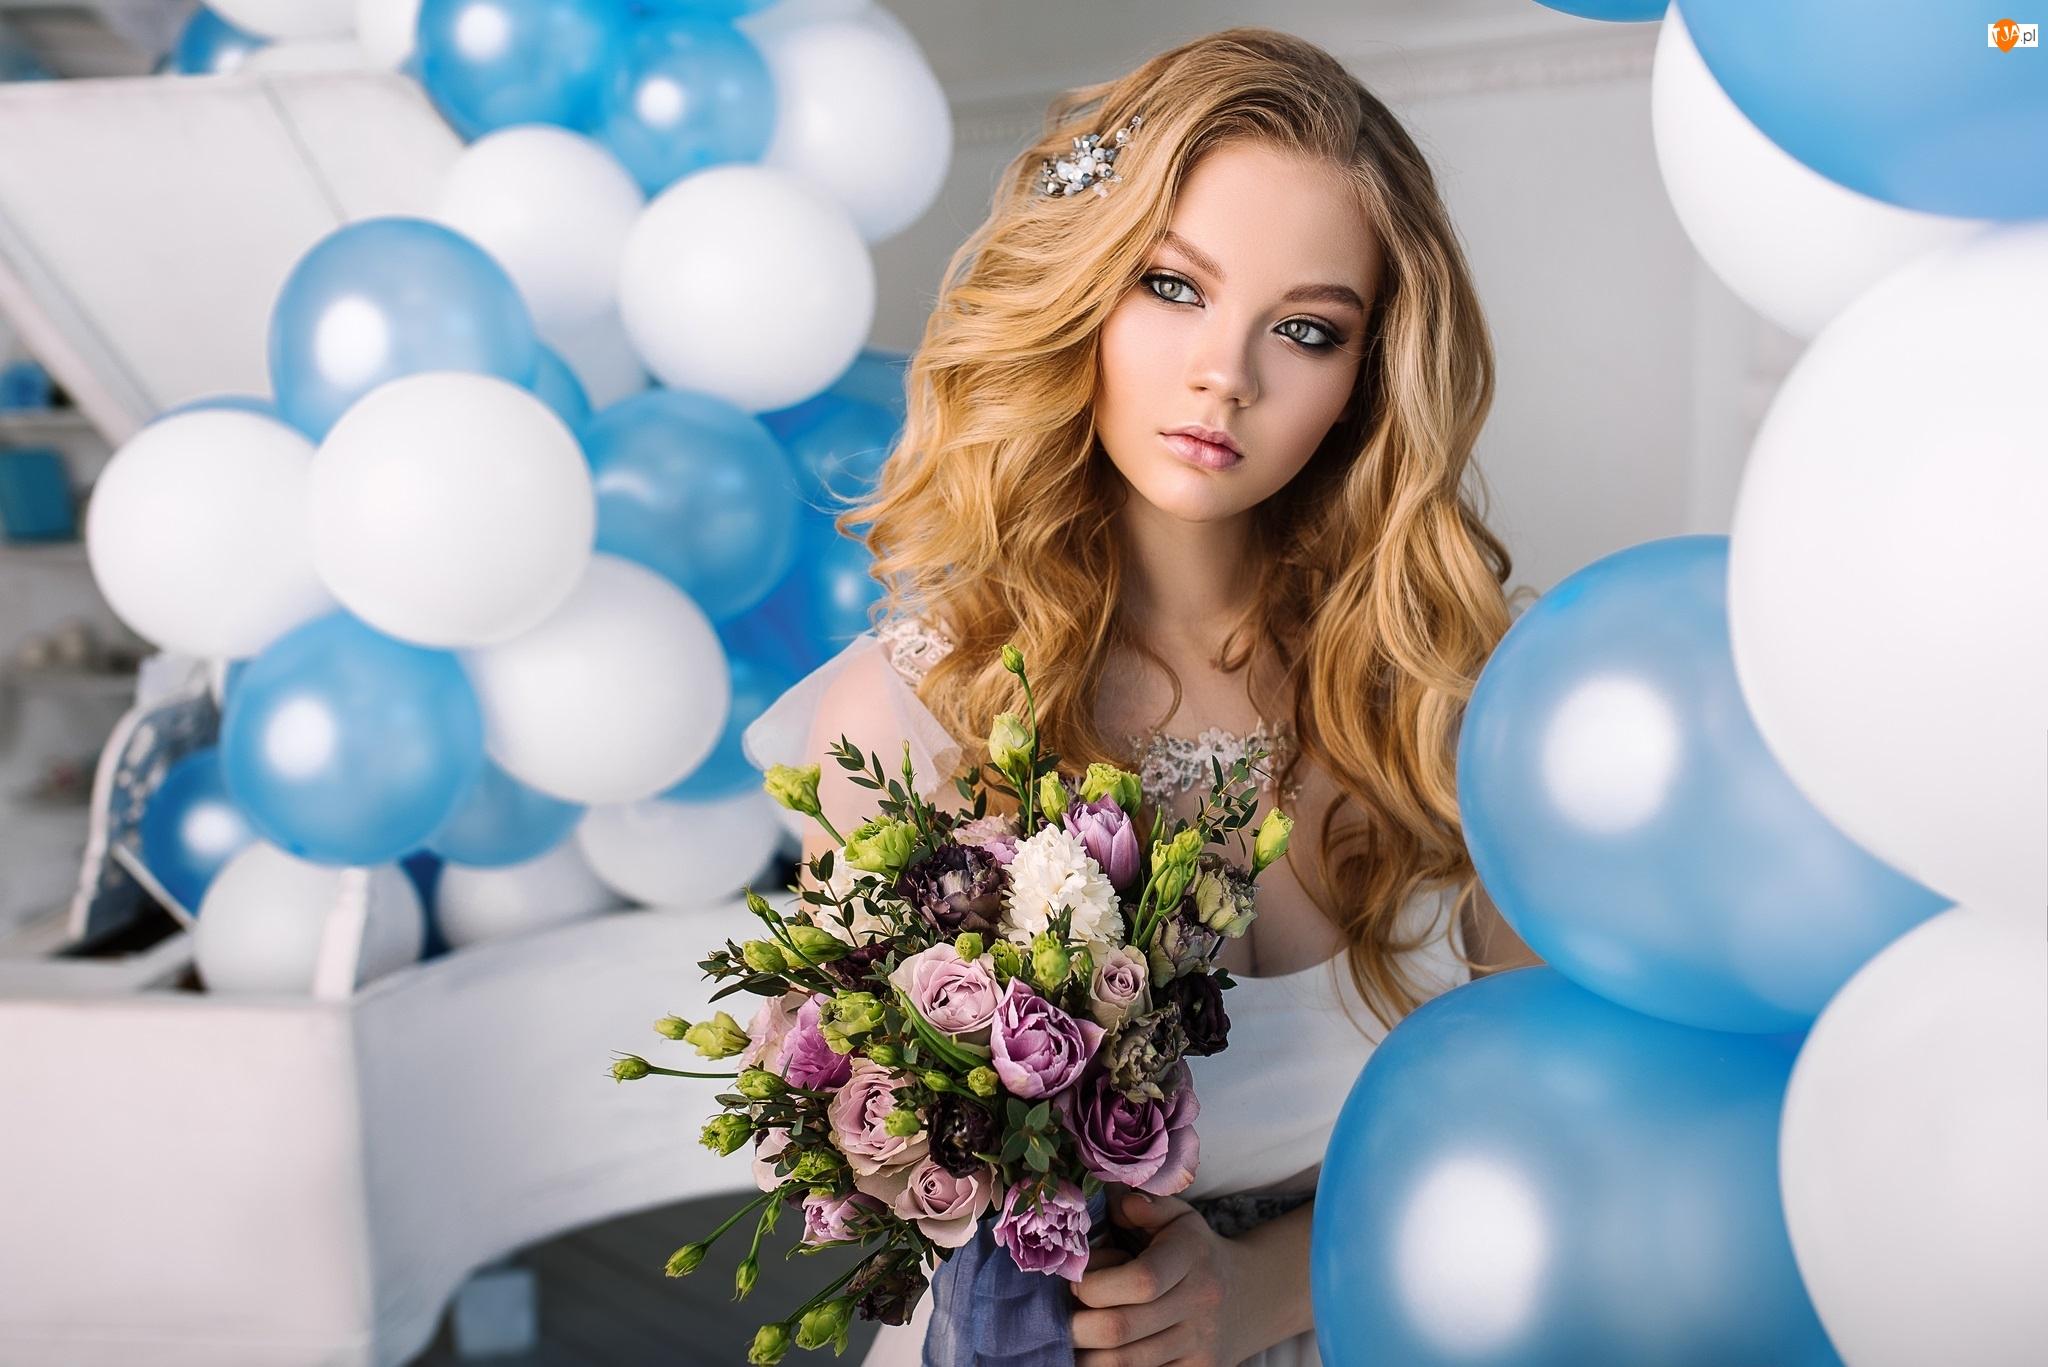 Bukiet, Baloniki, Blondynka, Kobieta, Kwiaty